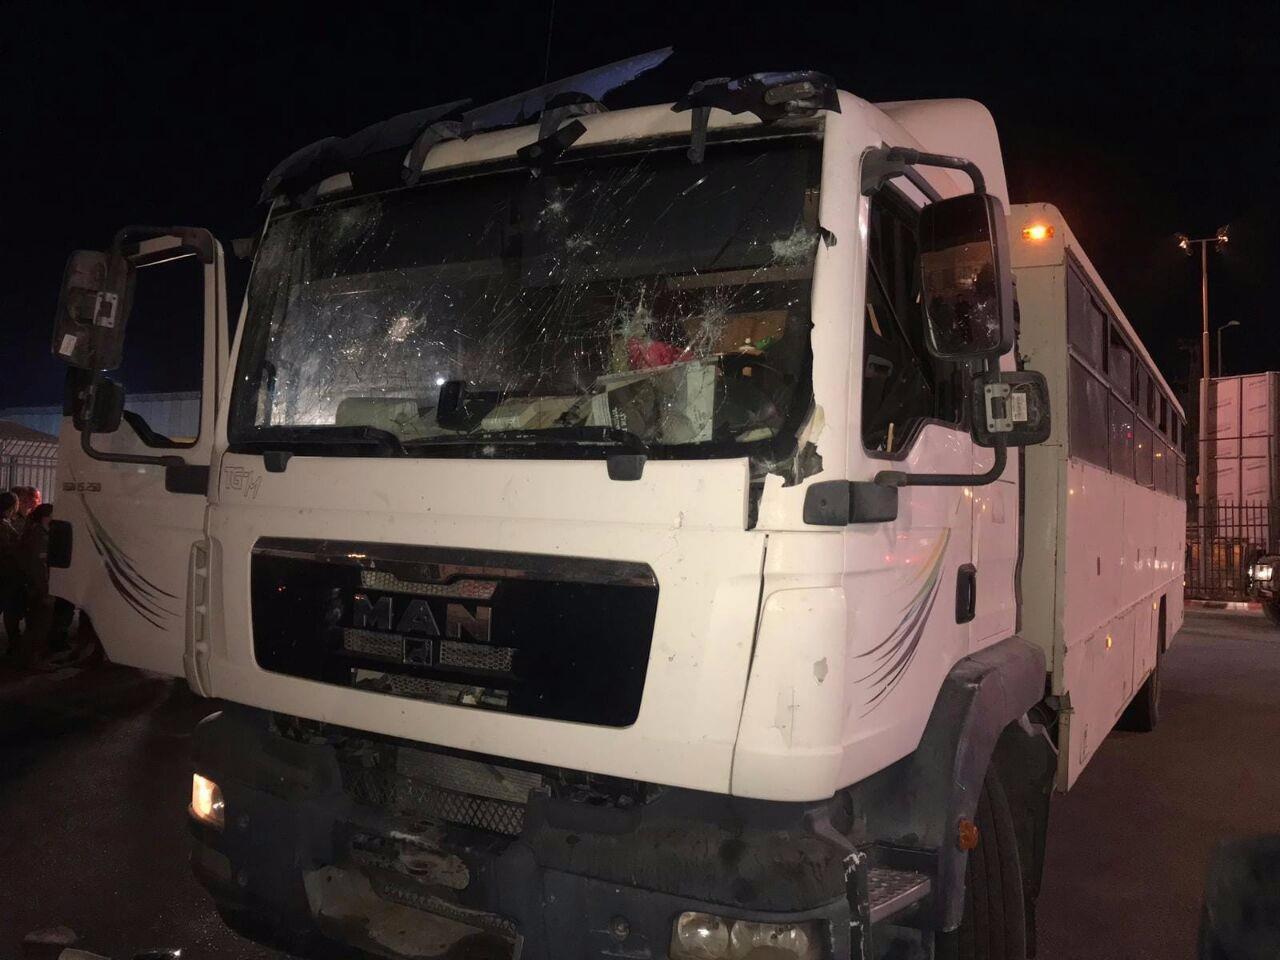 הטיולית שהותקפה (צילום: משטרת ישראל)